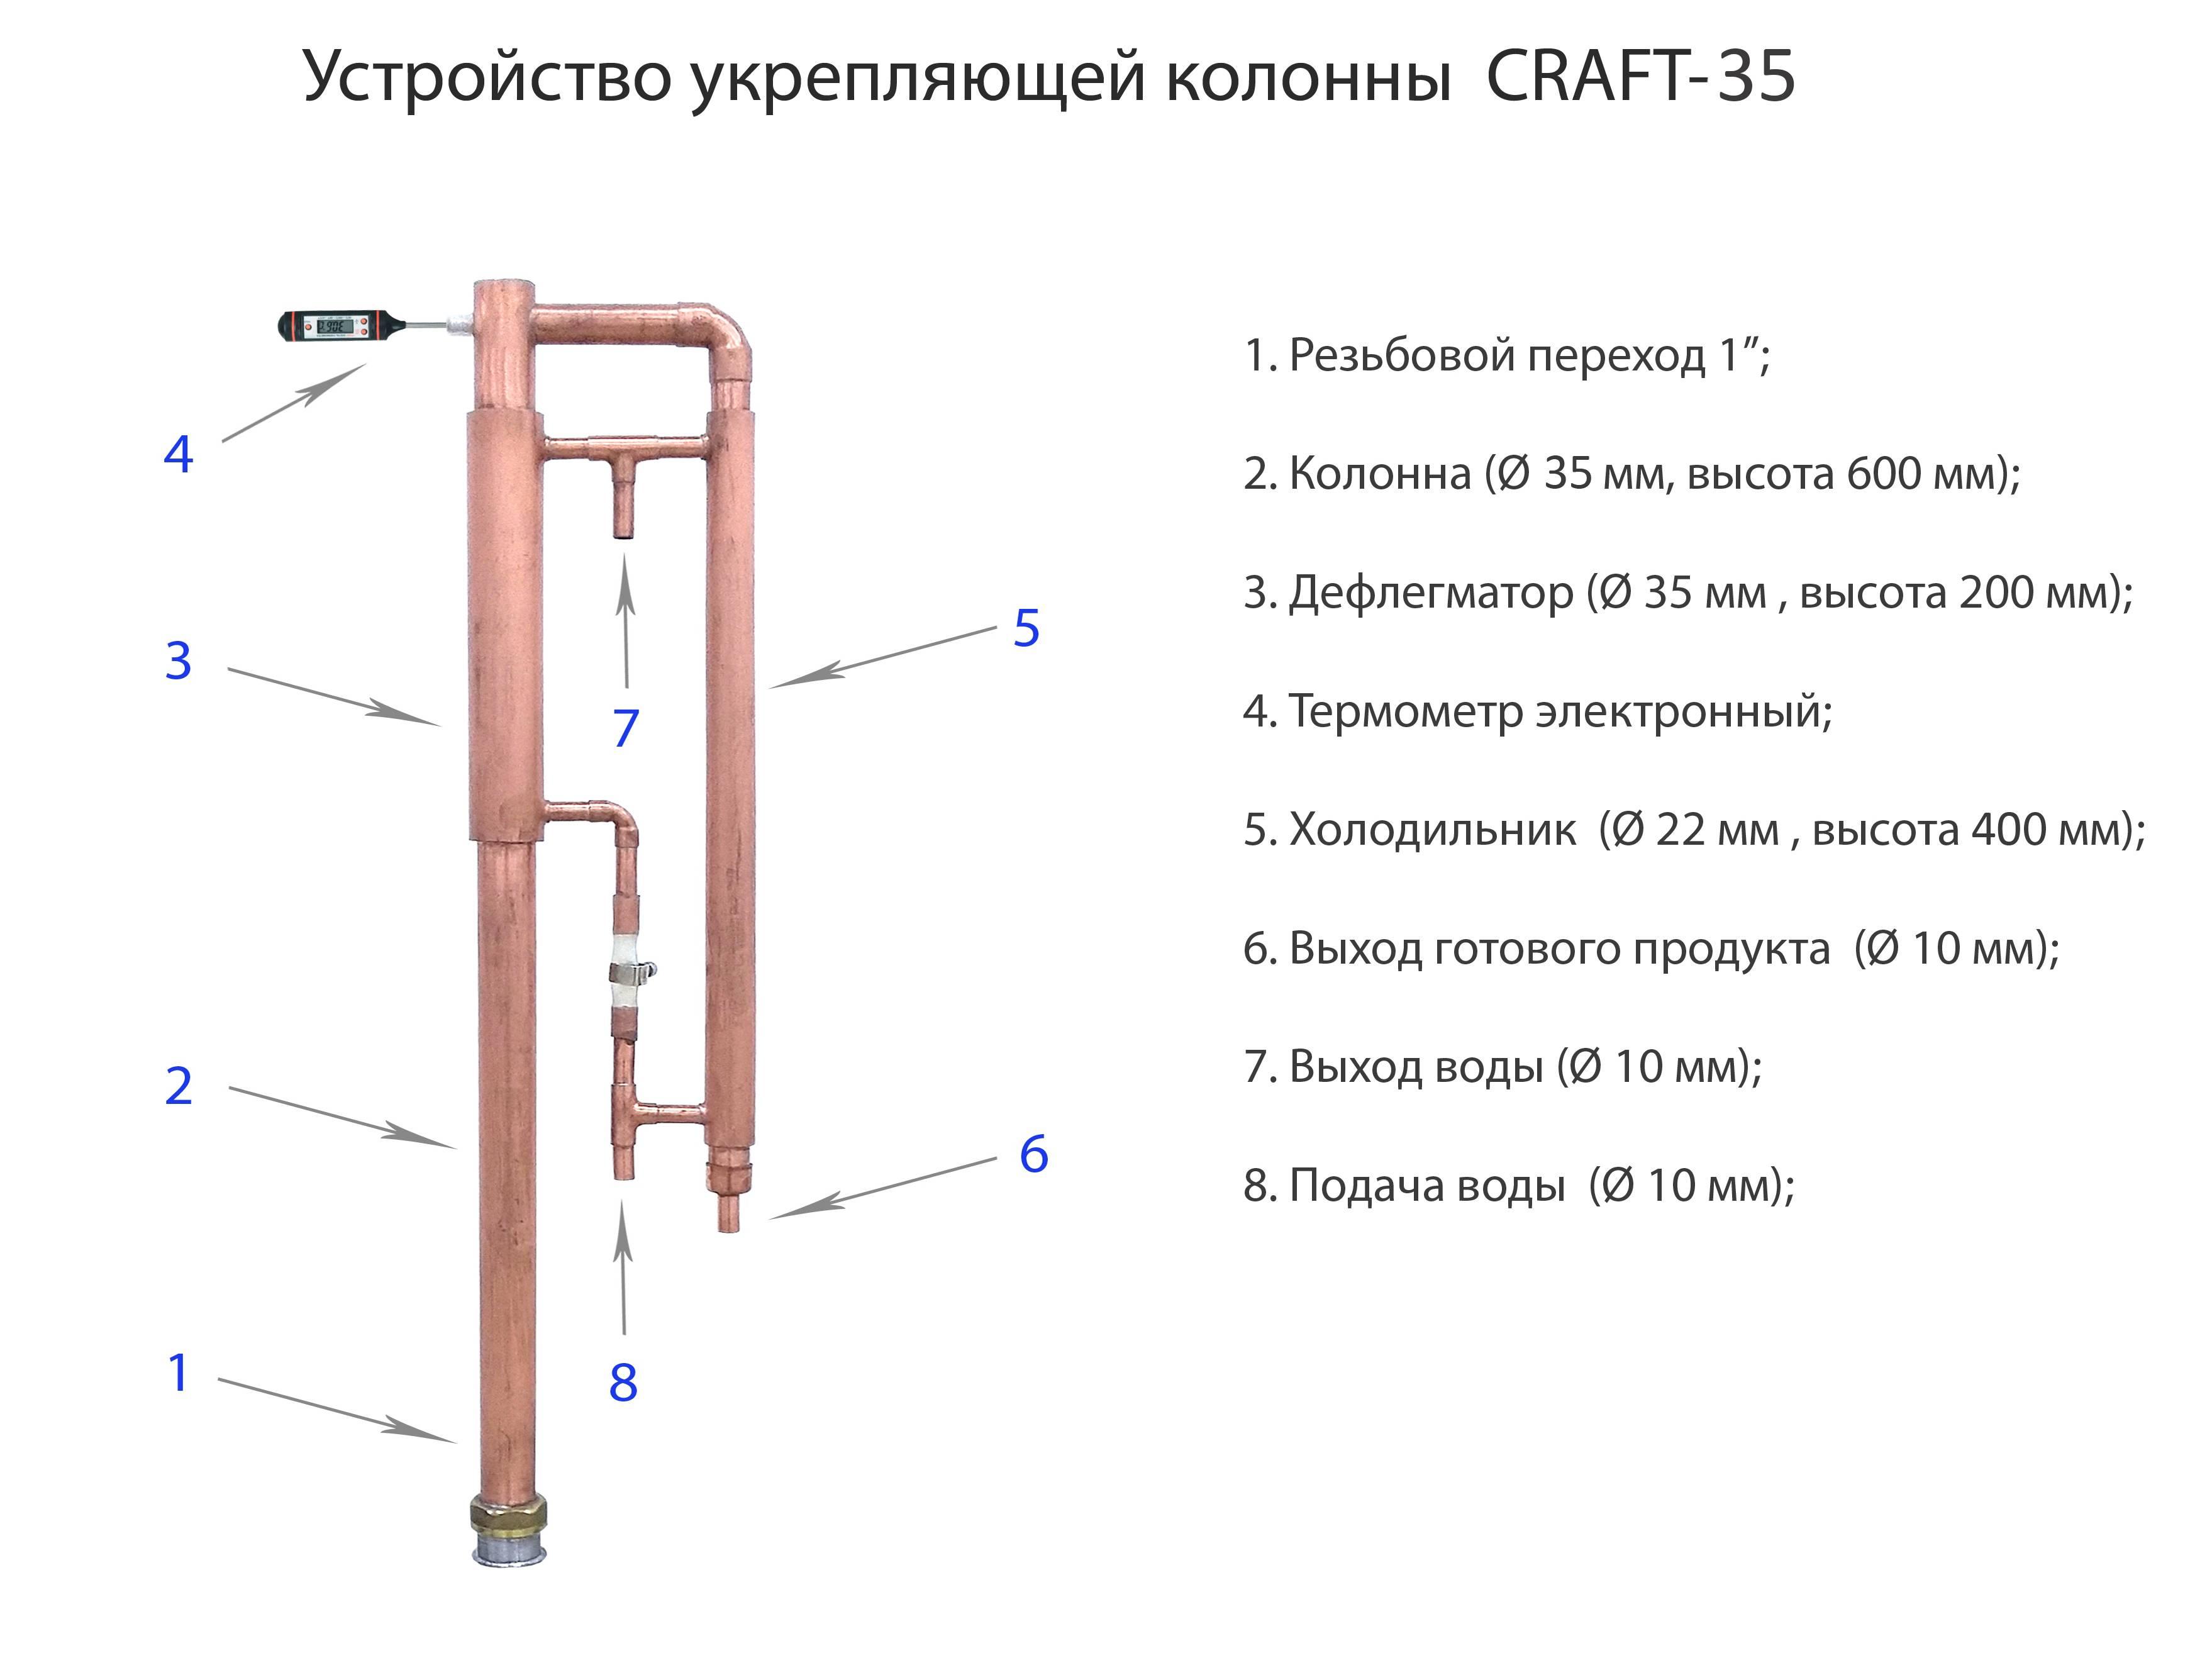 Инструкция как сделать самогонный аппарат своими руками